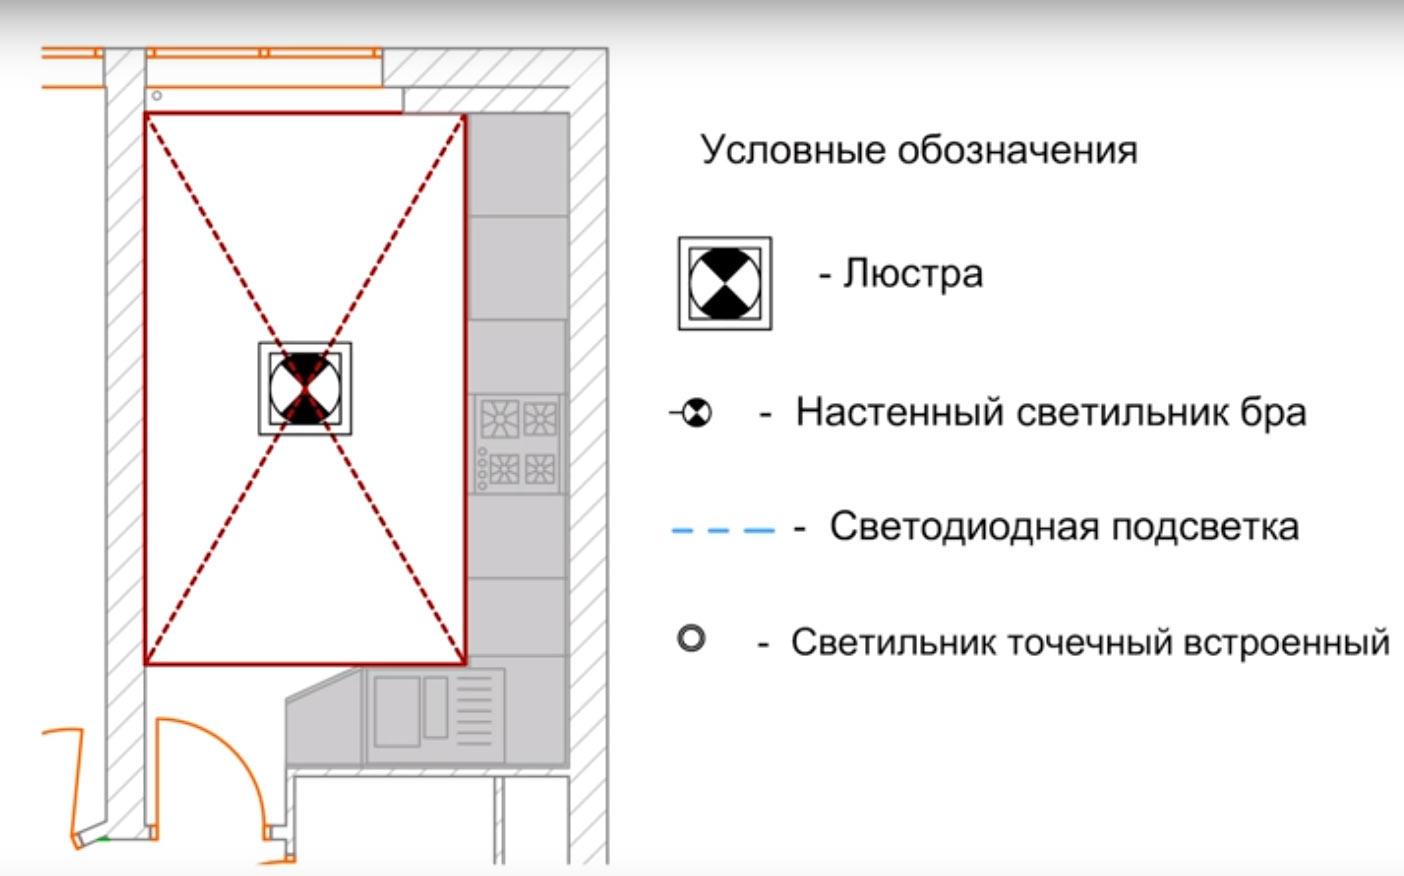 Красный прямоугольник очерчен с учетом кухонного гарнитура. Как видно из рисунка, центральный светильник смещен от центра помещения